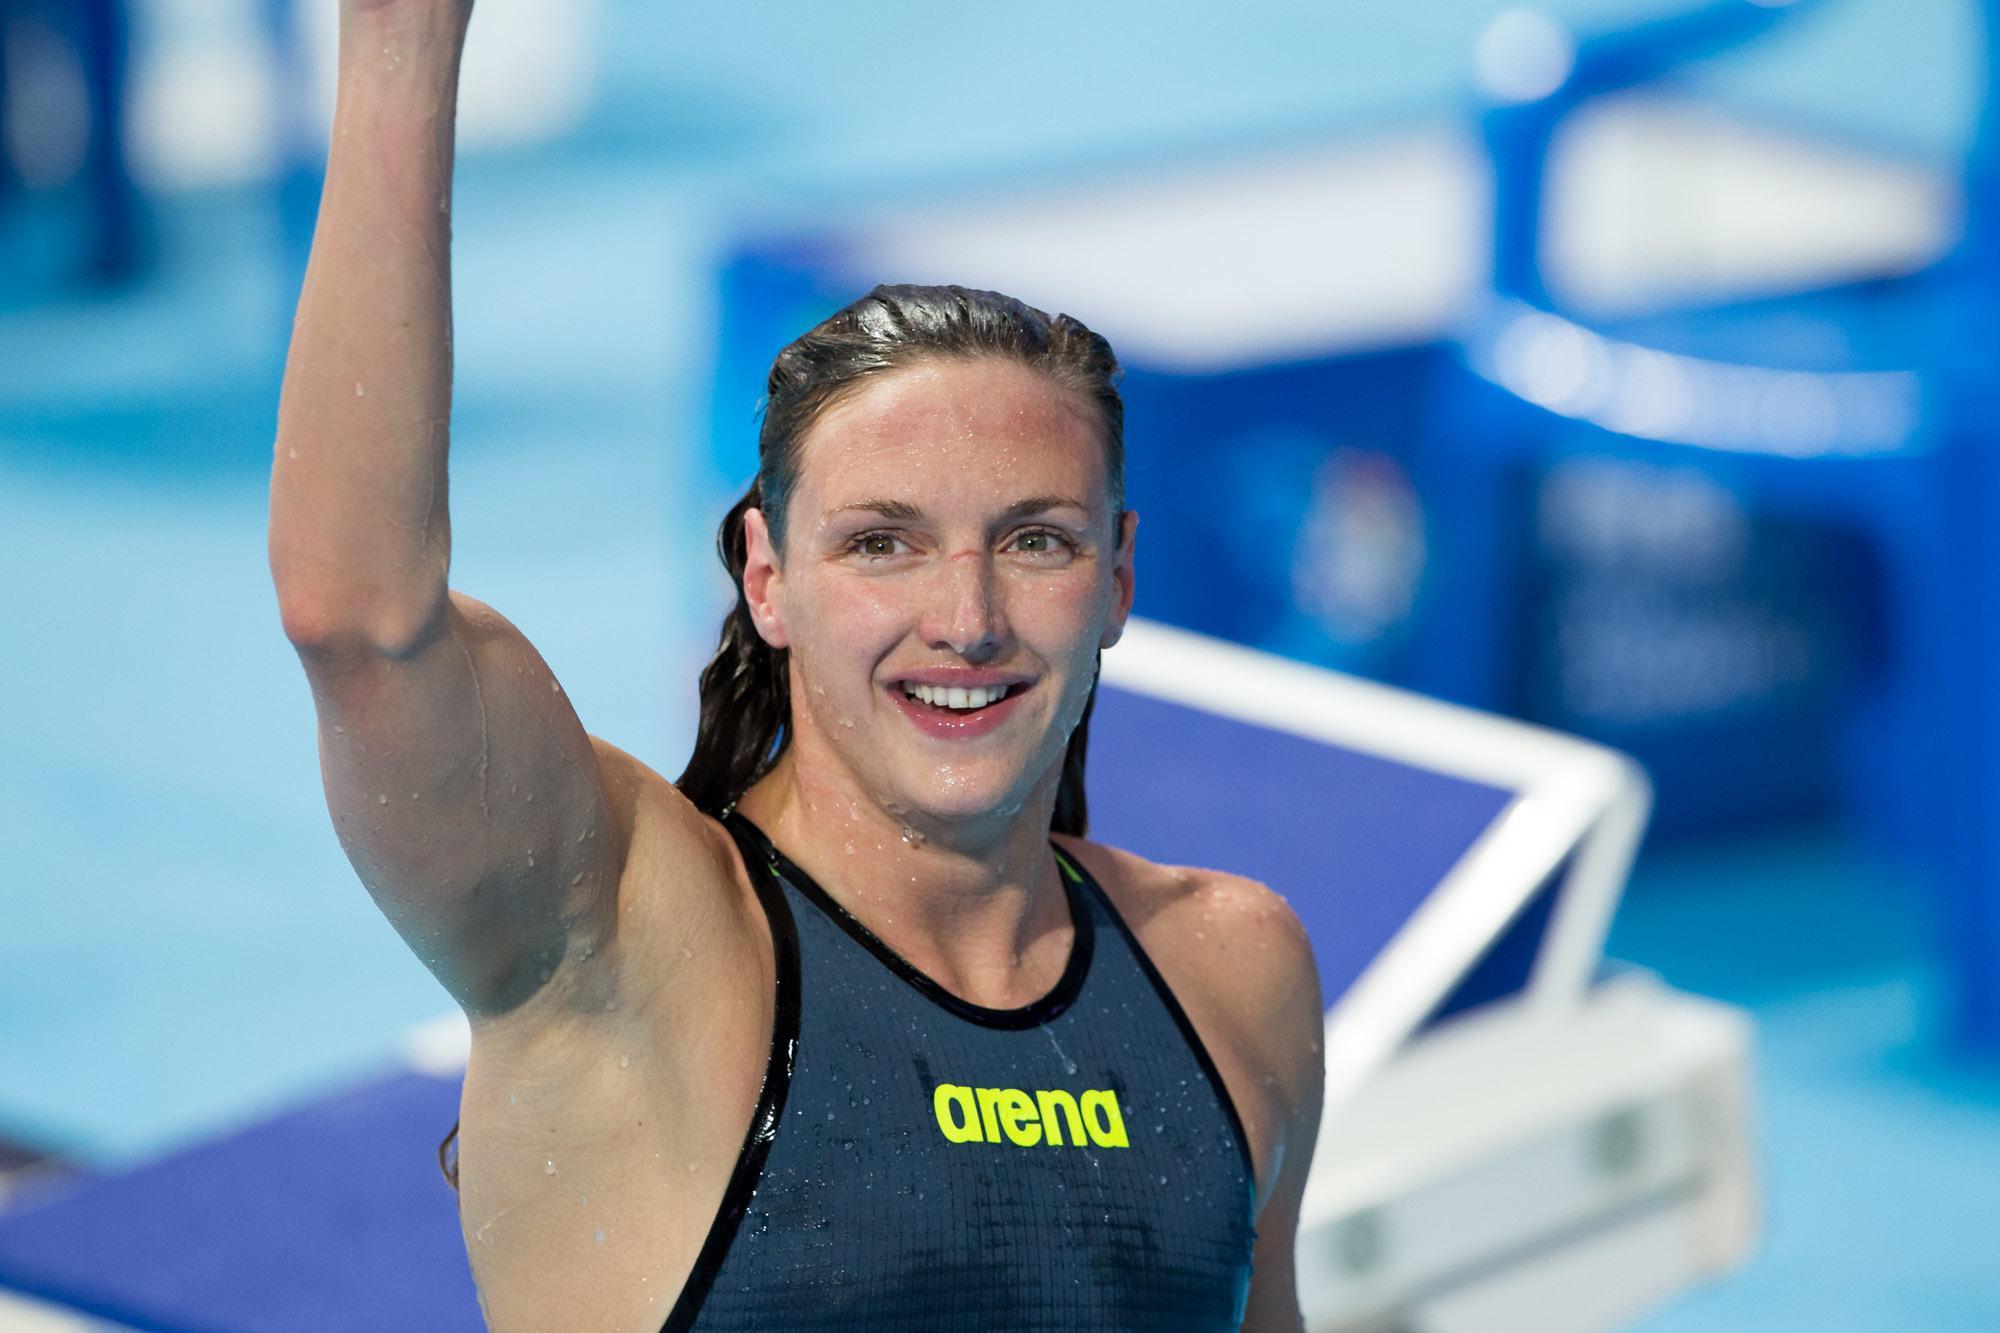 É tetra! Katinka Hosszú conquista quarto ouro Mundial nos 200 m medley